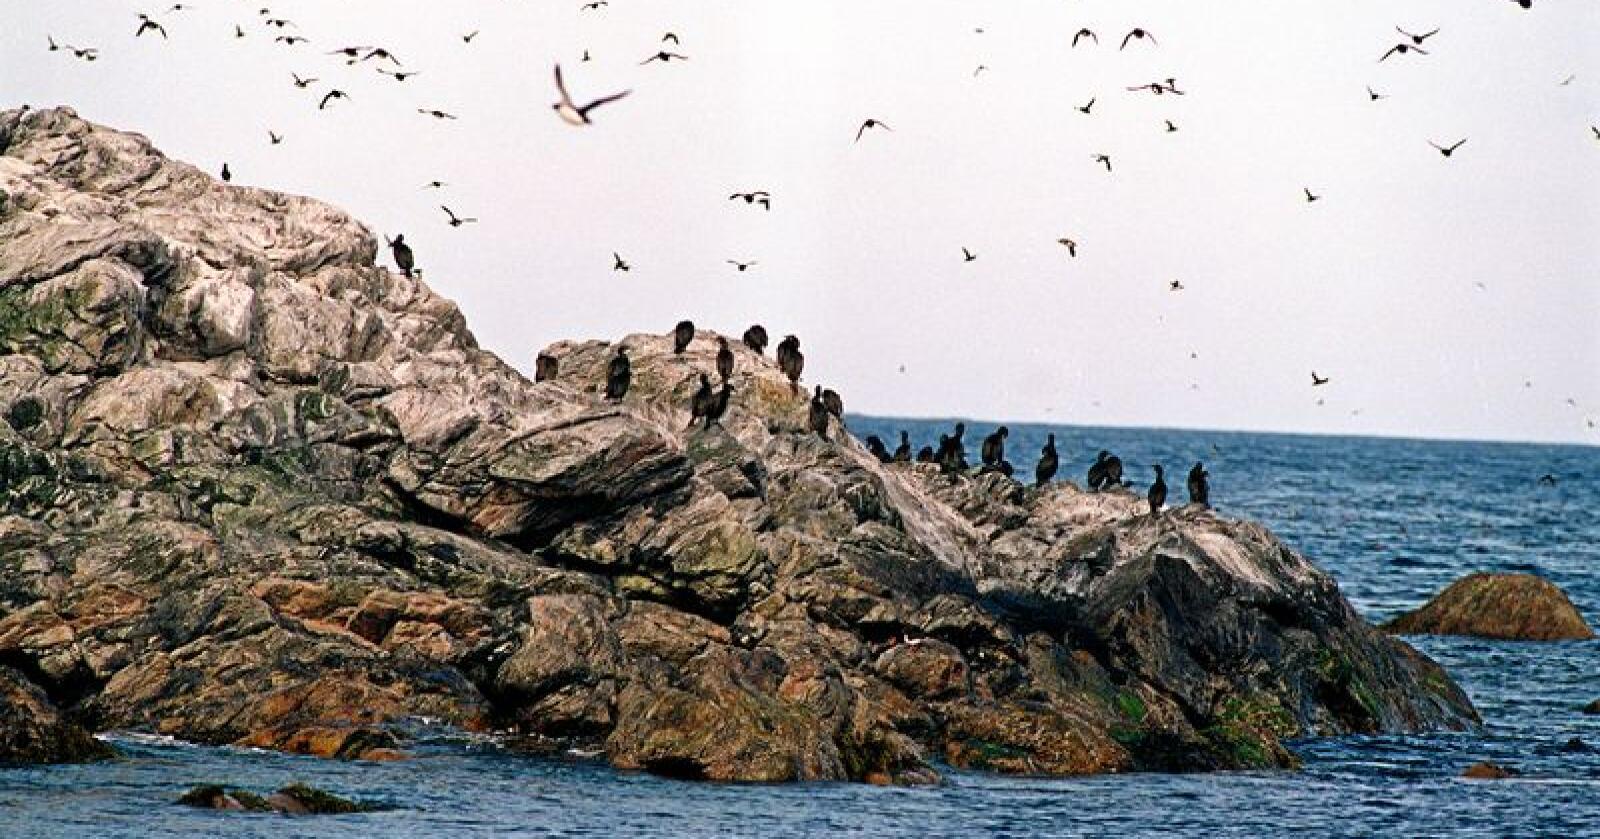 Færre: De ti siste årene har tilbakegangen for kystnære sjøfugler vært på rundt 30 prosent. Foto: Lise Åserud/NTB scanpix